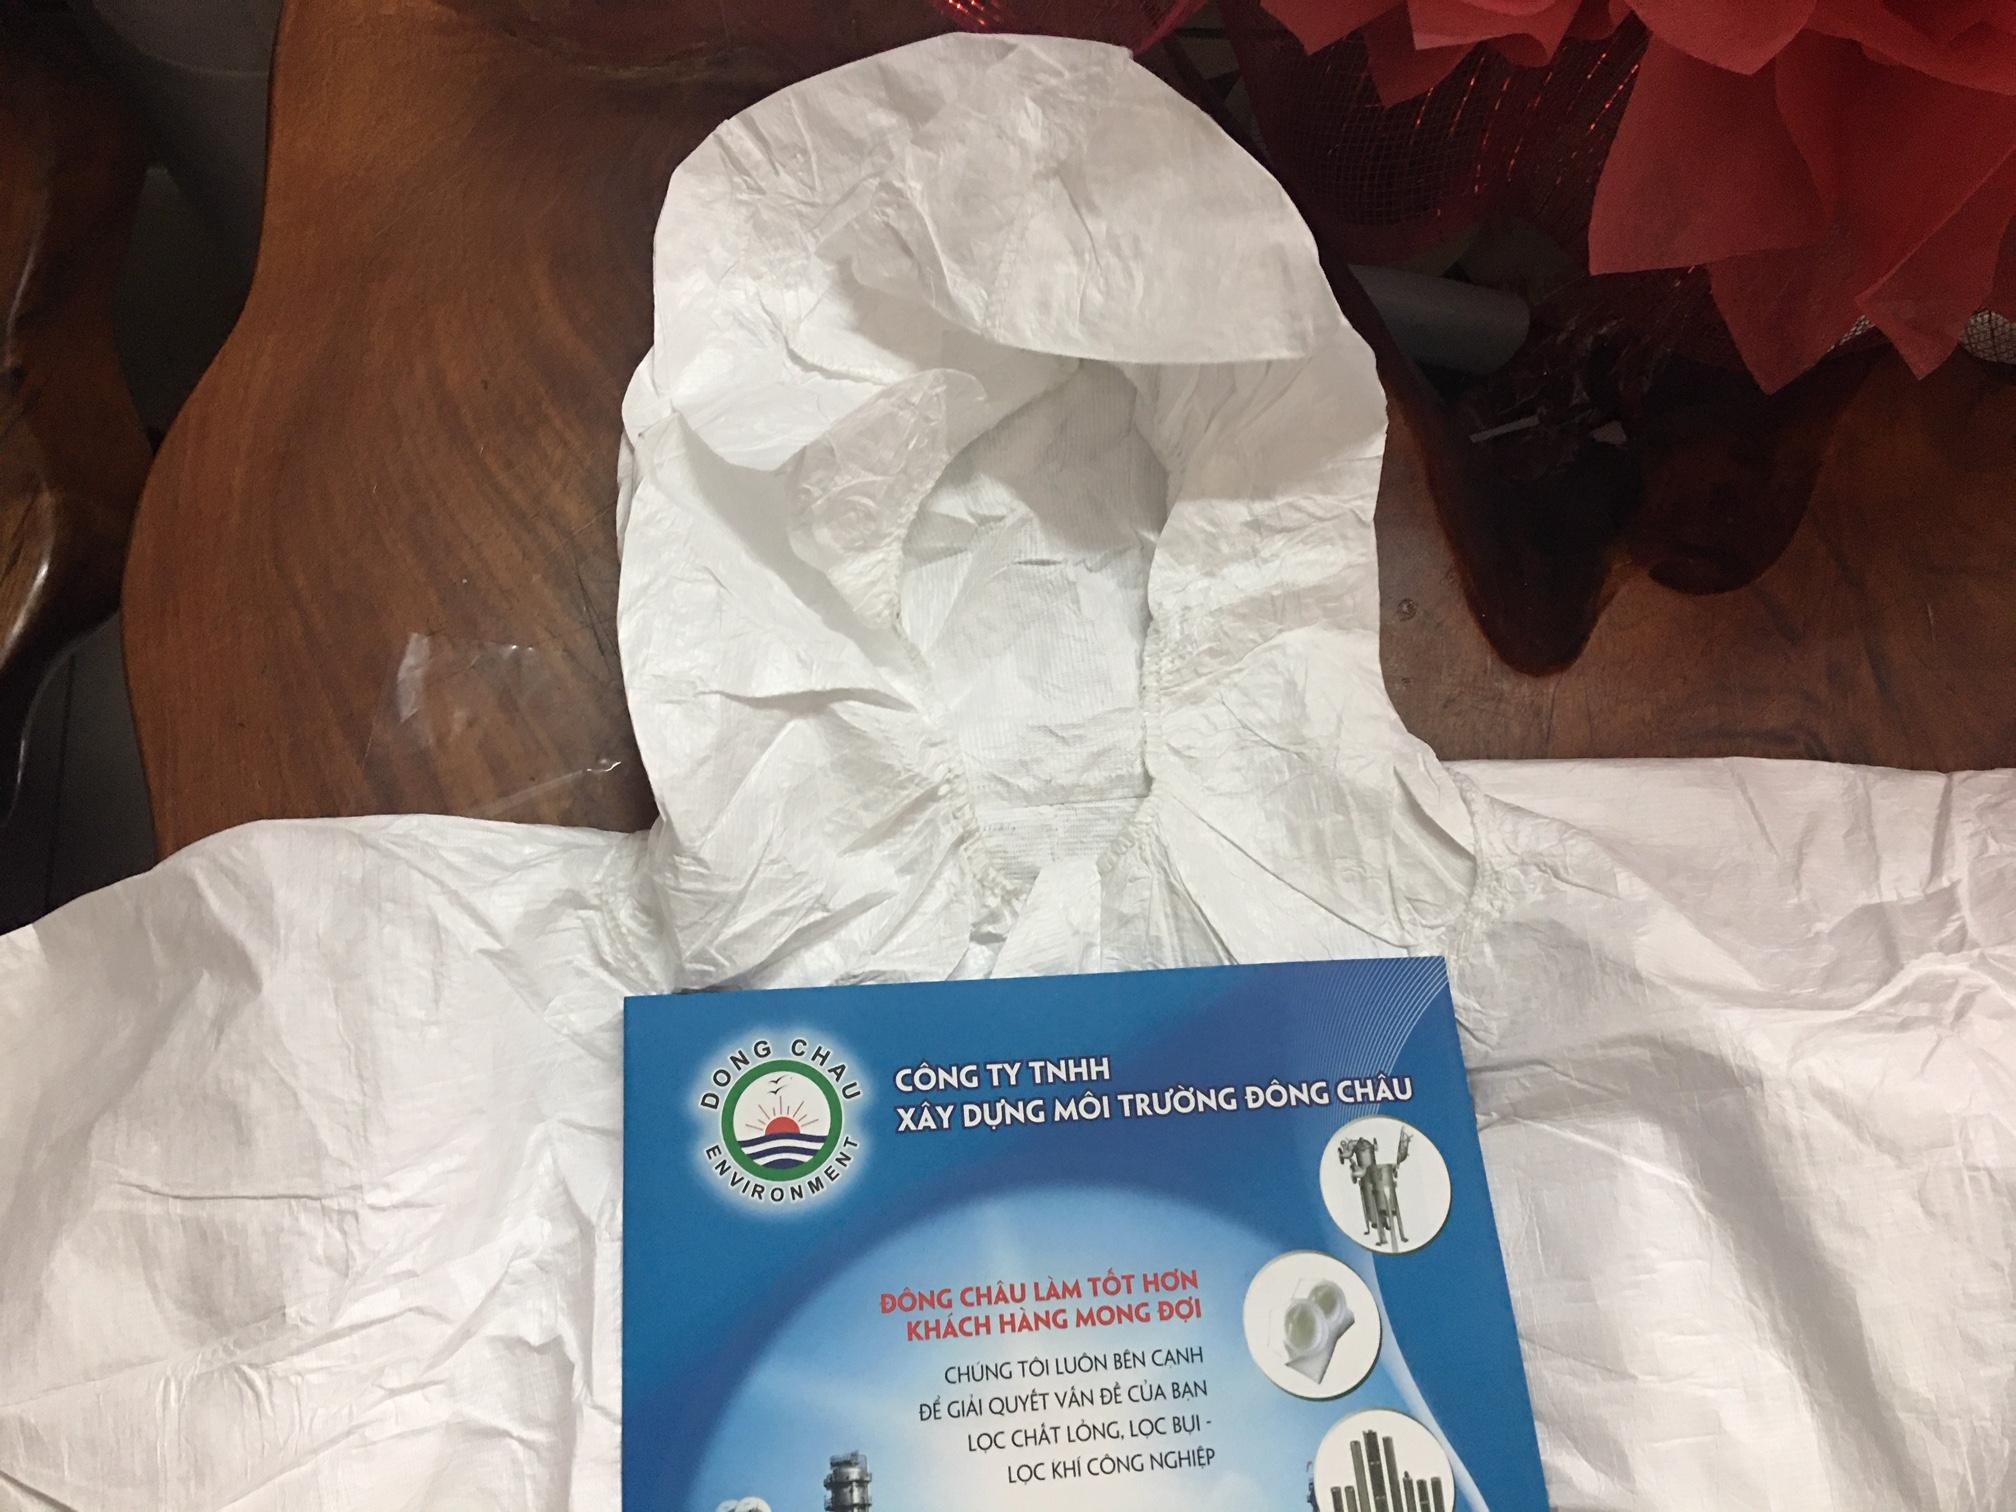 Bộ đồ bảo hộ áo liền quần chống hóa chất Tyvek